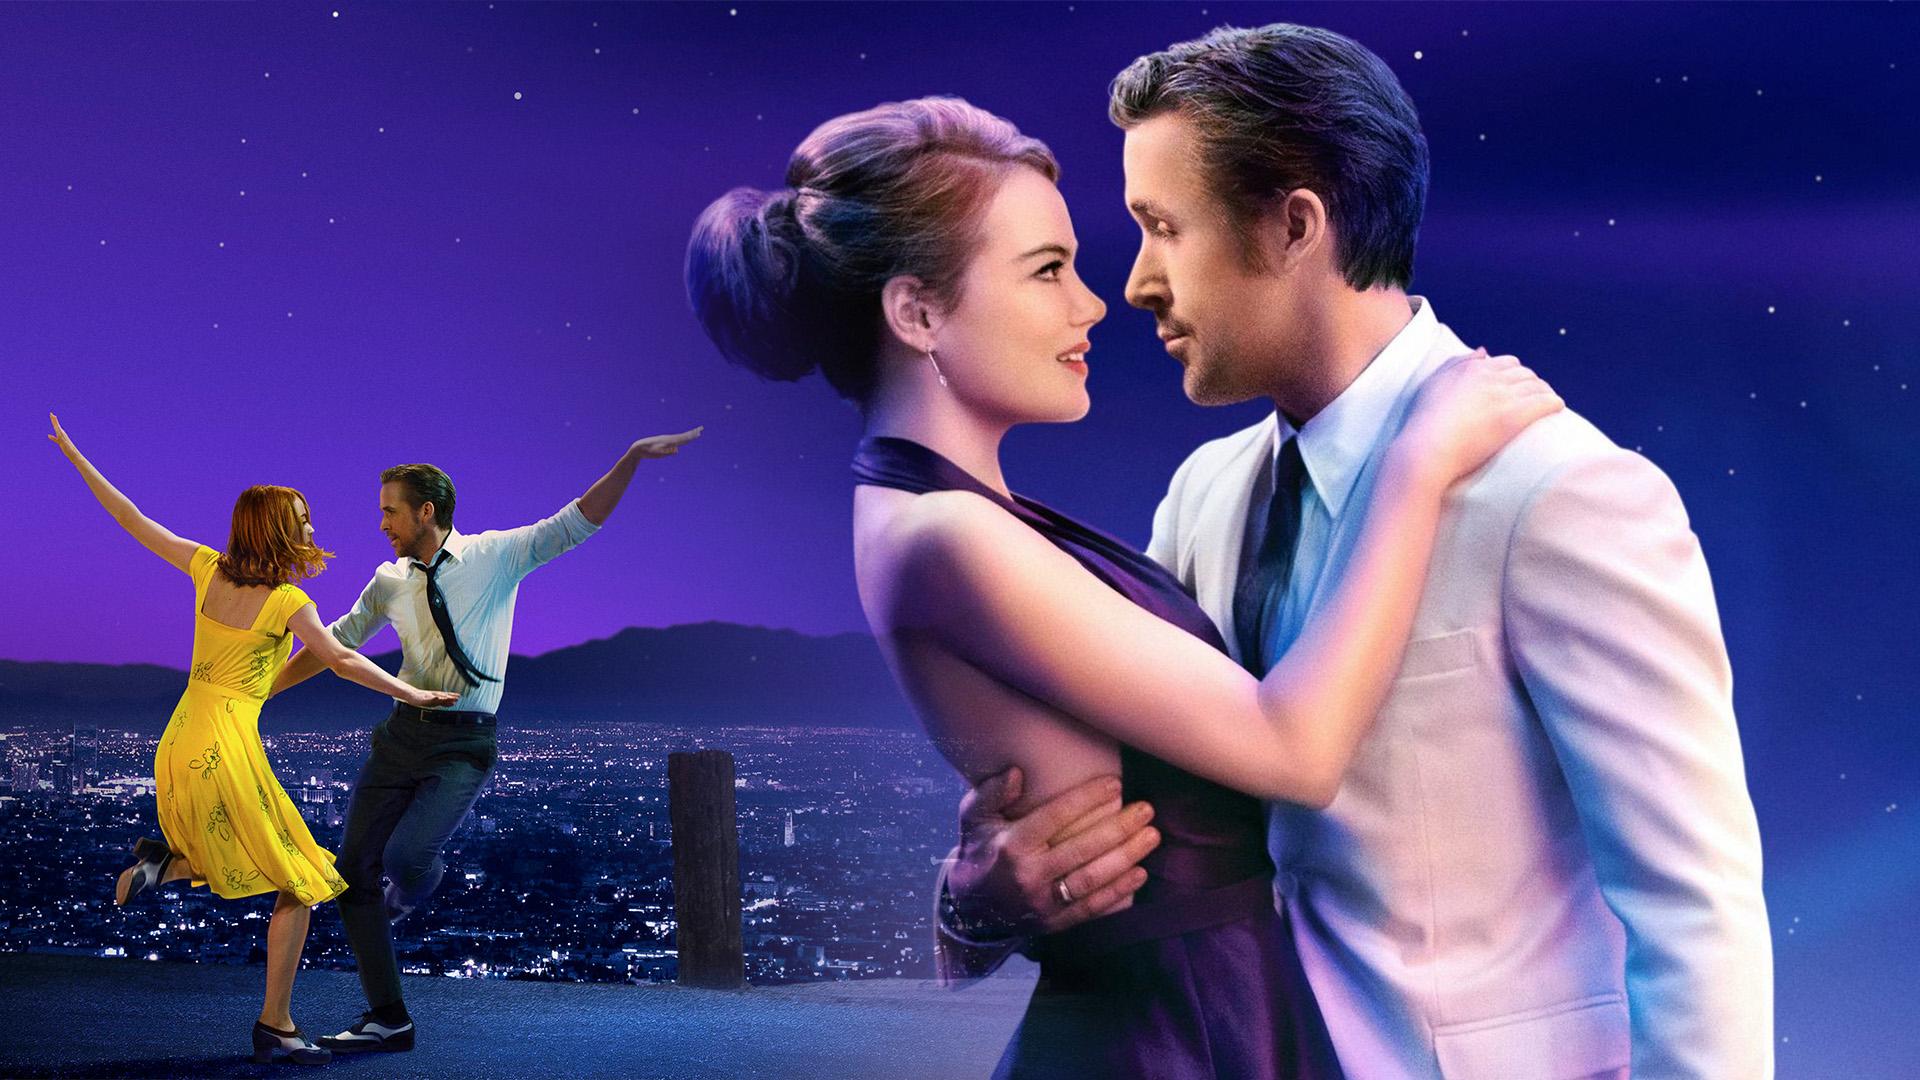 高司令和石头姐搞事大片爱乐之城,热爱舞蹈的小伙伴绝对不能错过